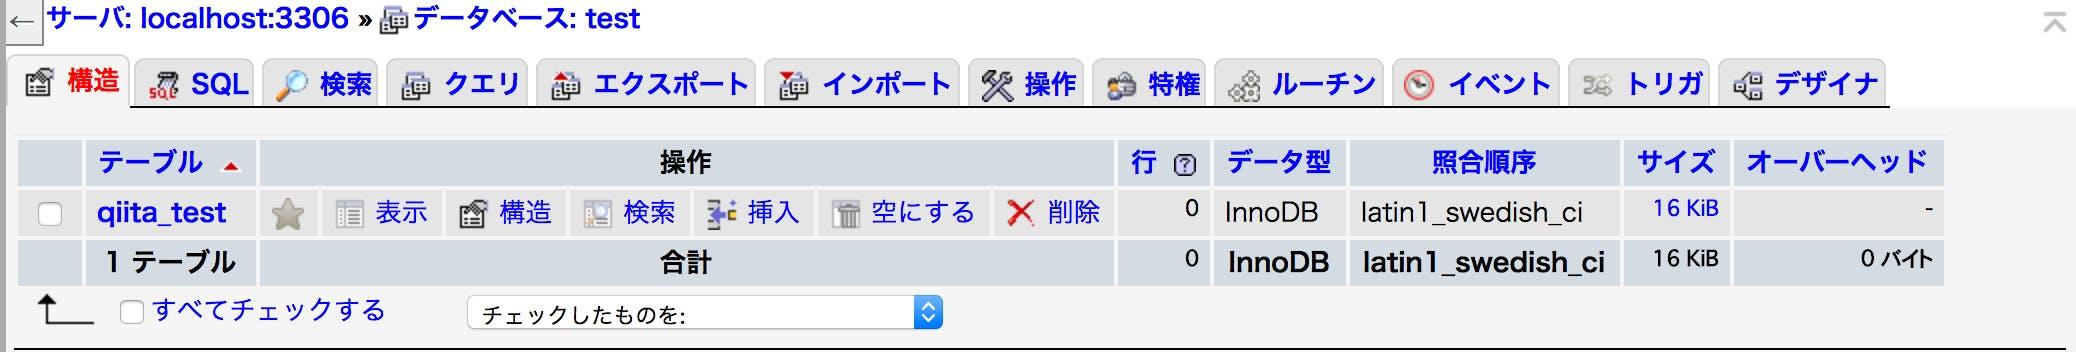 スクリーンショット 2017-01-10 16.51.08.png